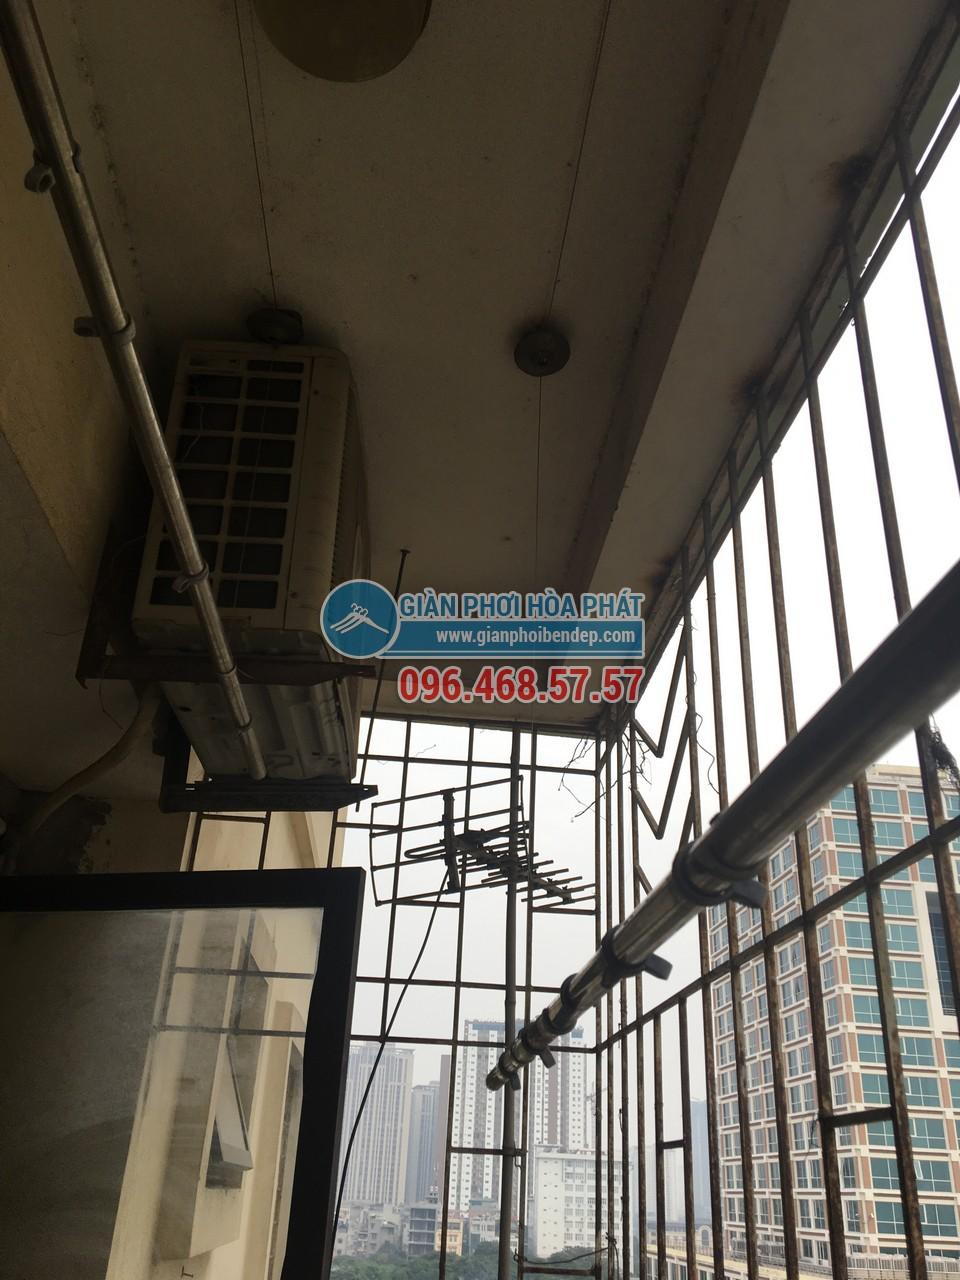 Thay dây cáp cho giàn phơi thông minh nhà chị Hường, P805, Tòa CT4-5, KĐT Yên Hòa - 05